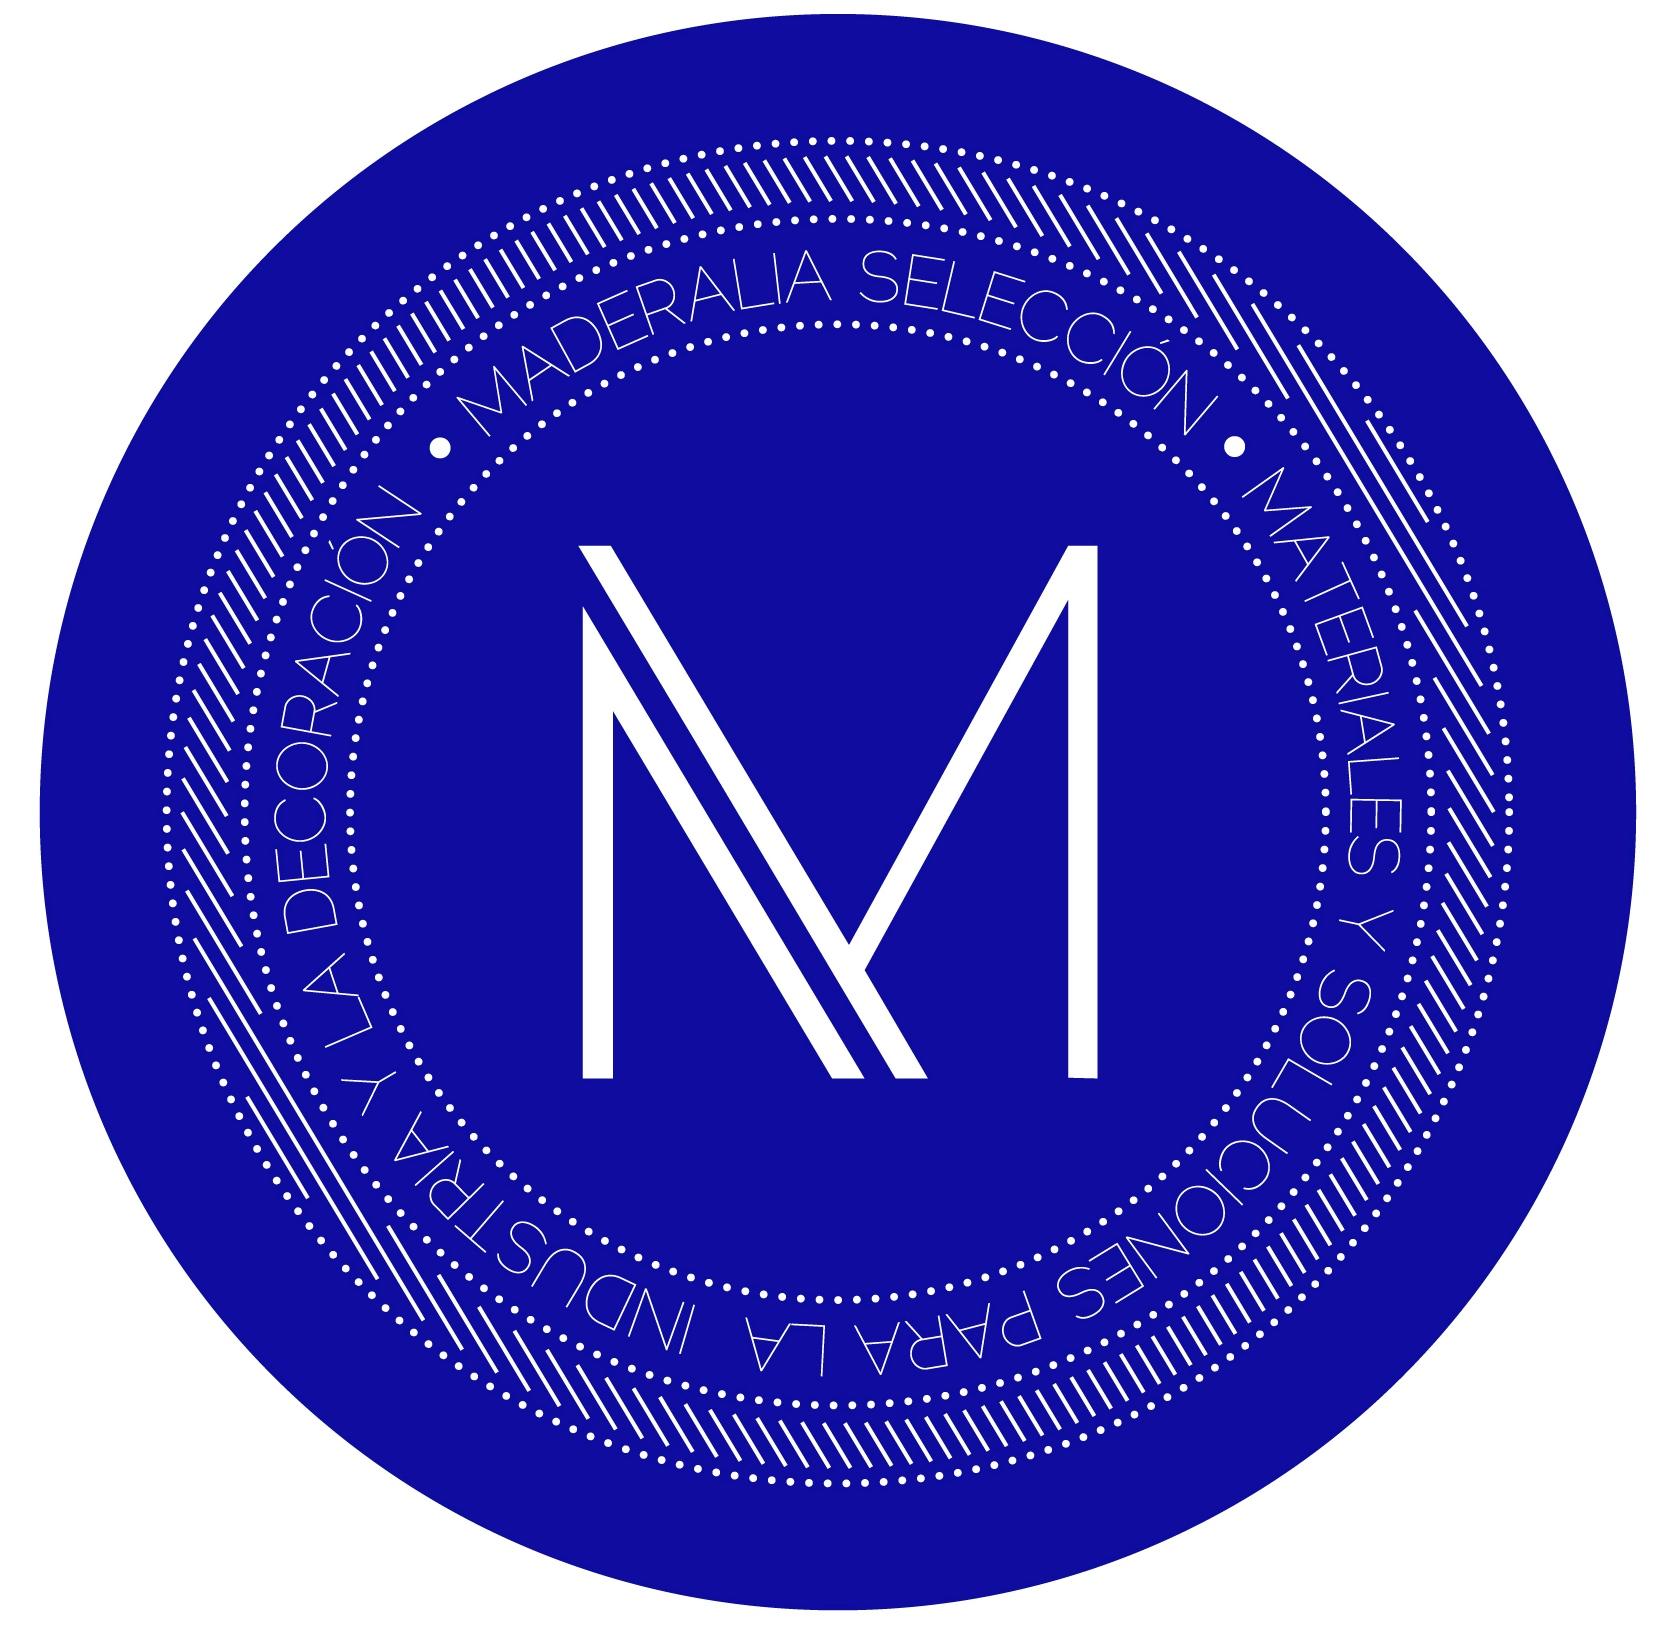 Nace el salón Maderalia Selección 2015